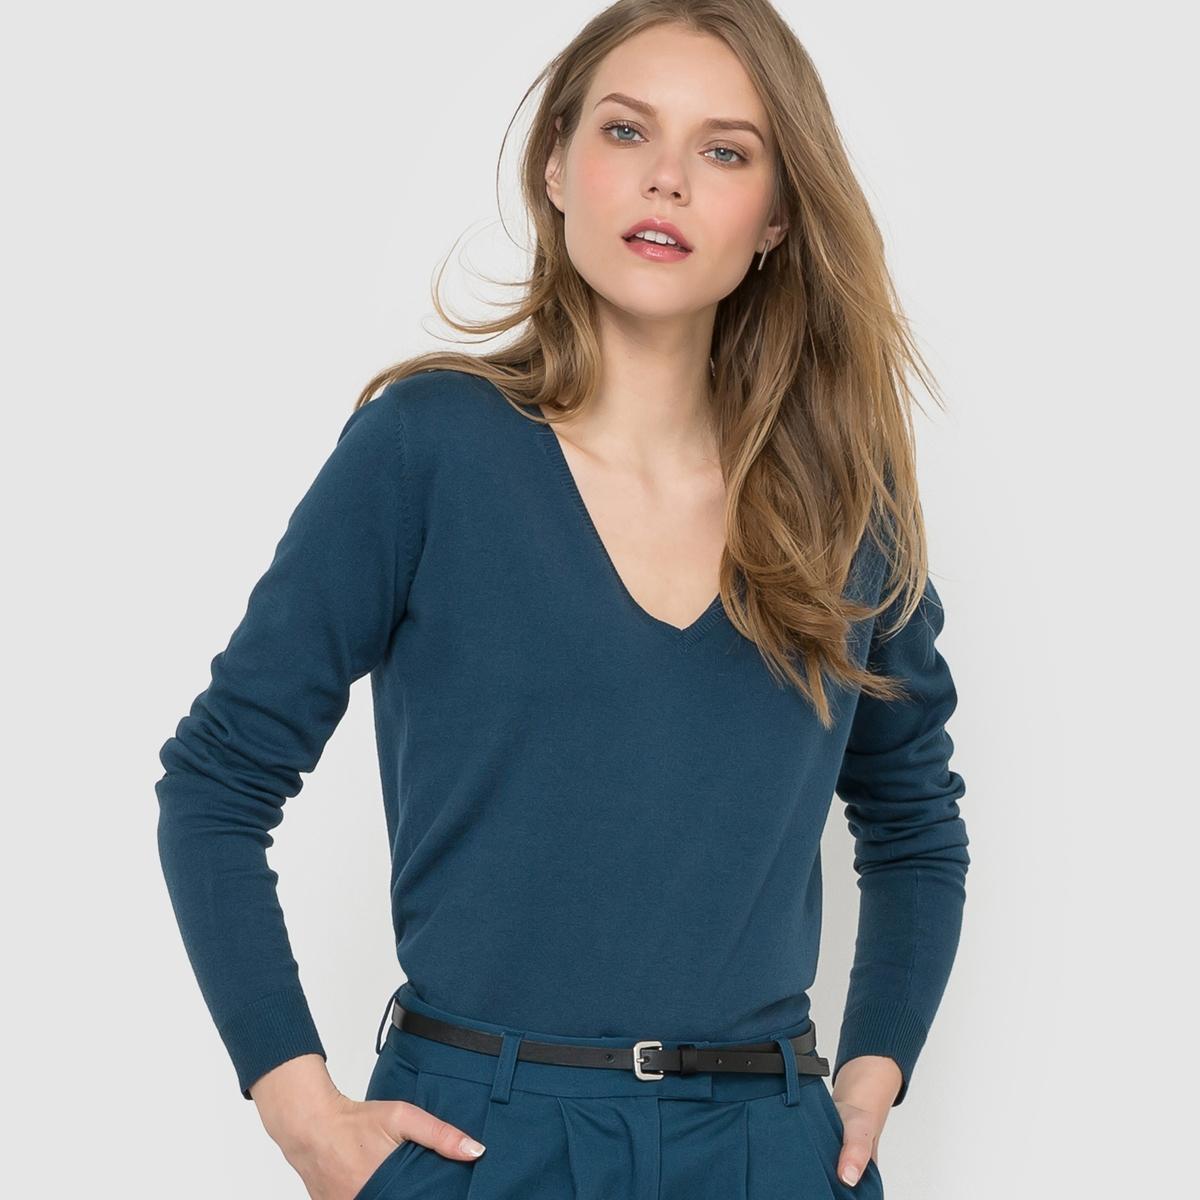 Пуловер с V-образным вырезомСостав и описание: Материал: 83% хлопка, 17% полиамида.Длина: 62 см.Марка: R ?dition.Уход:Машинная стирка при 30°C.<br><br>Цвет: сине-зеленый,черный<br>Размер: 38/40 (FR) - 44/46 (RUS)